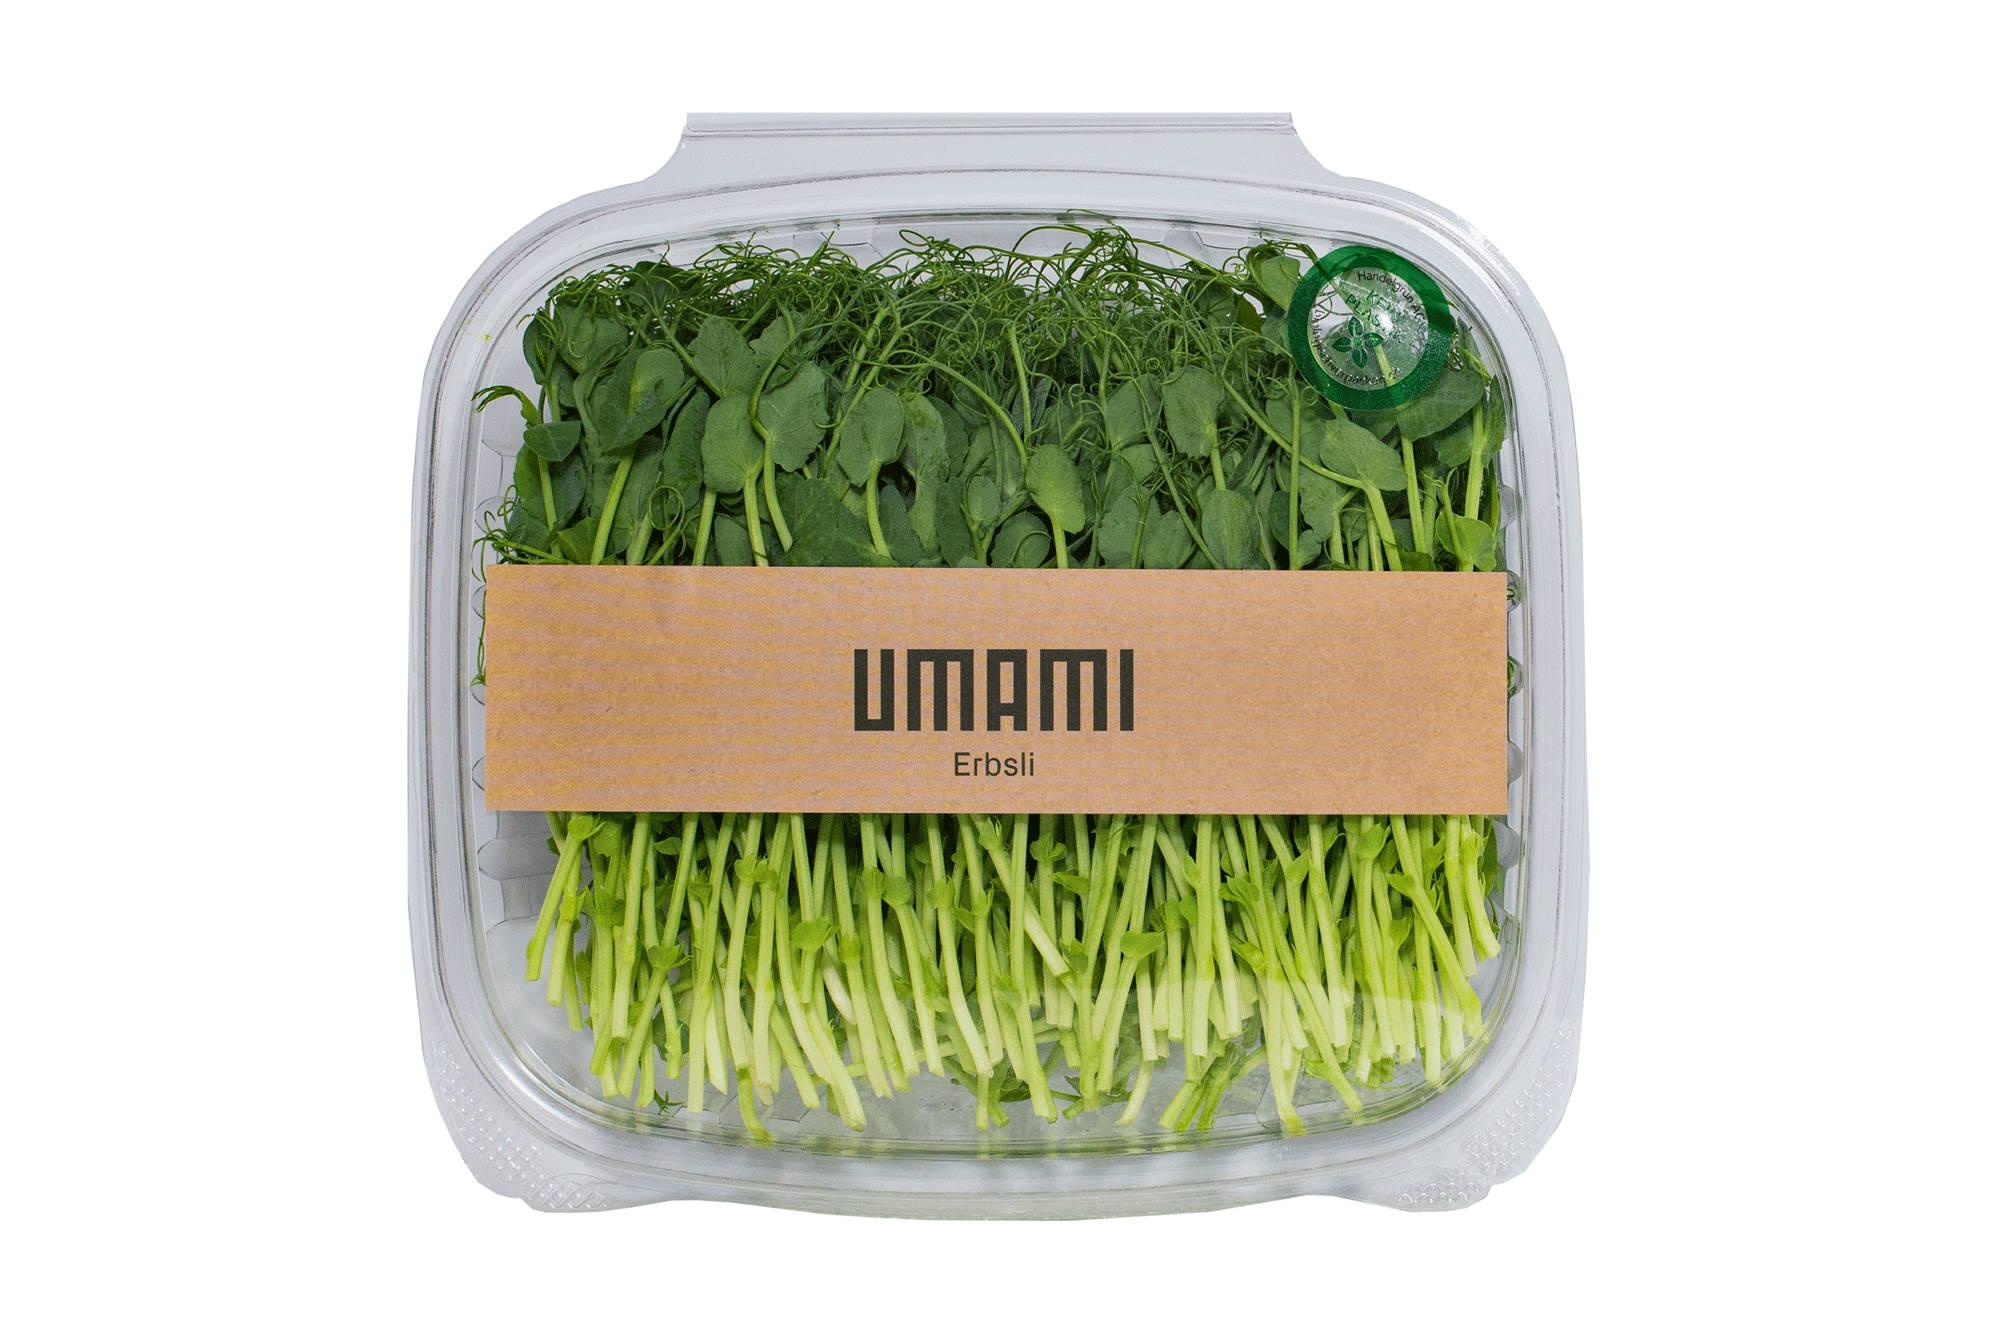 UMAMI Erbsen Microgreens.  Reich an Nährstoffen.